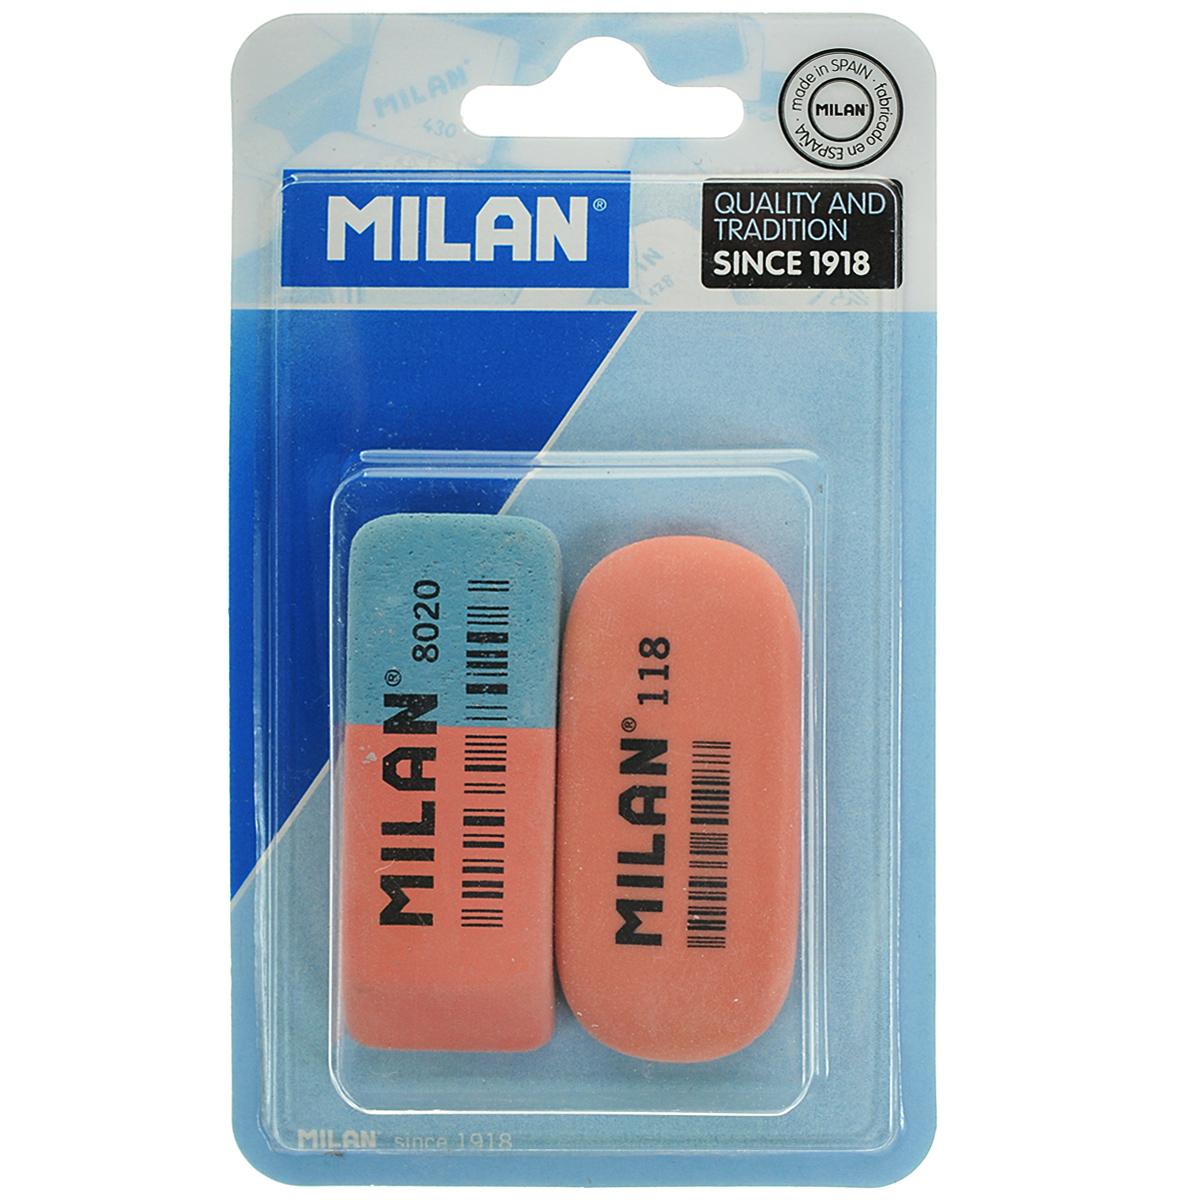 Набор ластиков Milan, 2 шт. 8020+118//921672523WDЛастики из набора Milan предназначены для стирания карандашей и чернил с бумаги различной плотности. Один из ластиков - натуральный. Синяя сторона другого ластика предназначена для работы с цветными пигментами и чернилами, красная - для графитовых надписей.В комплекте два ластика.